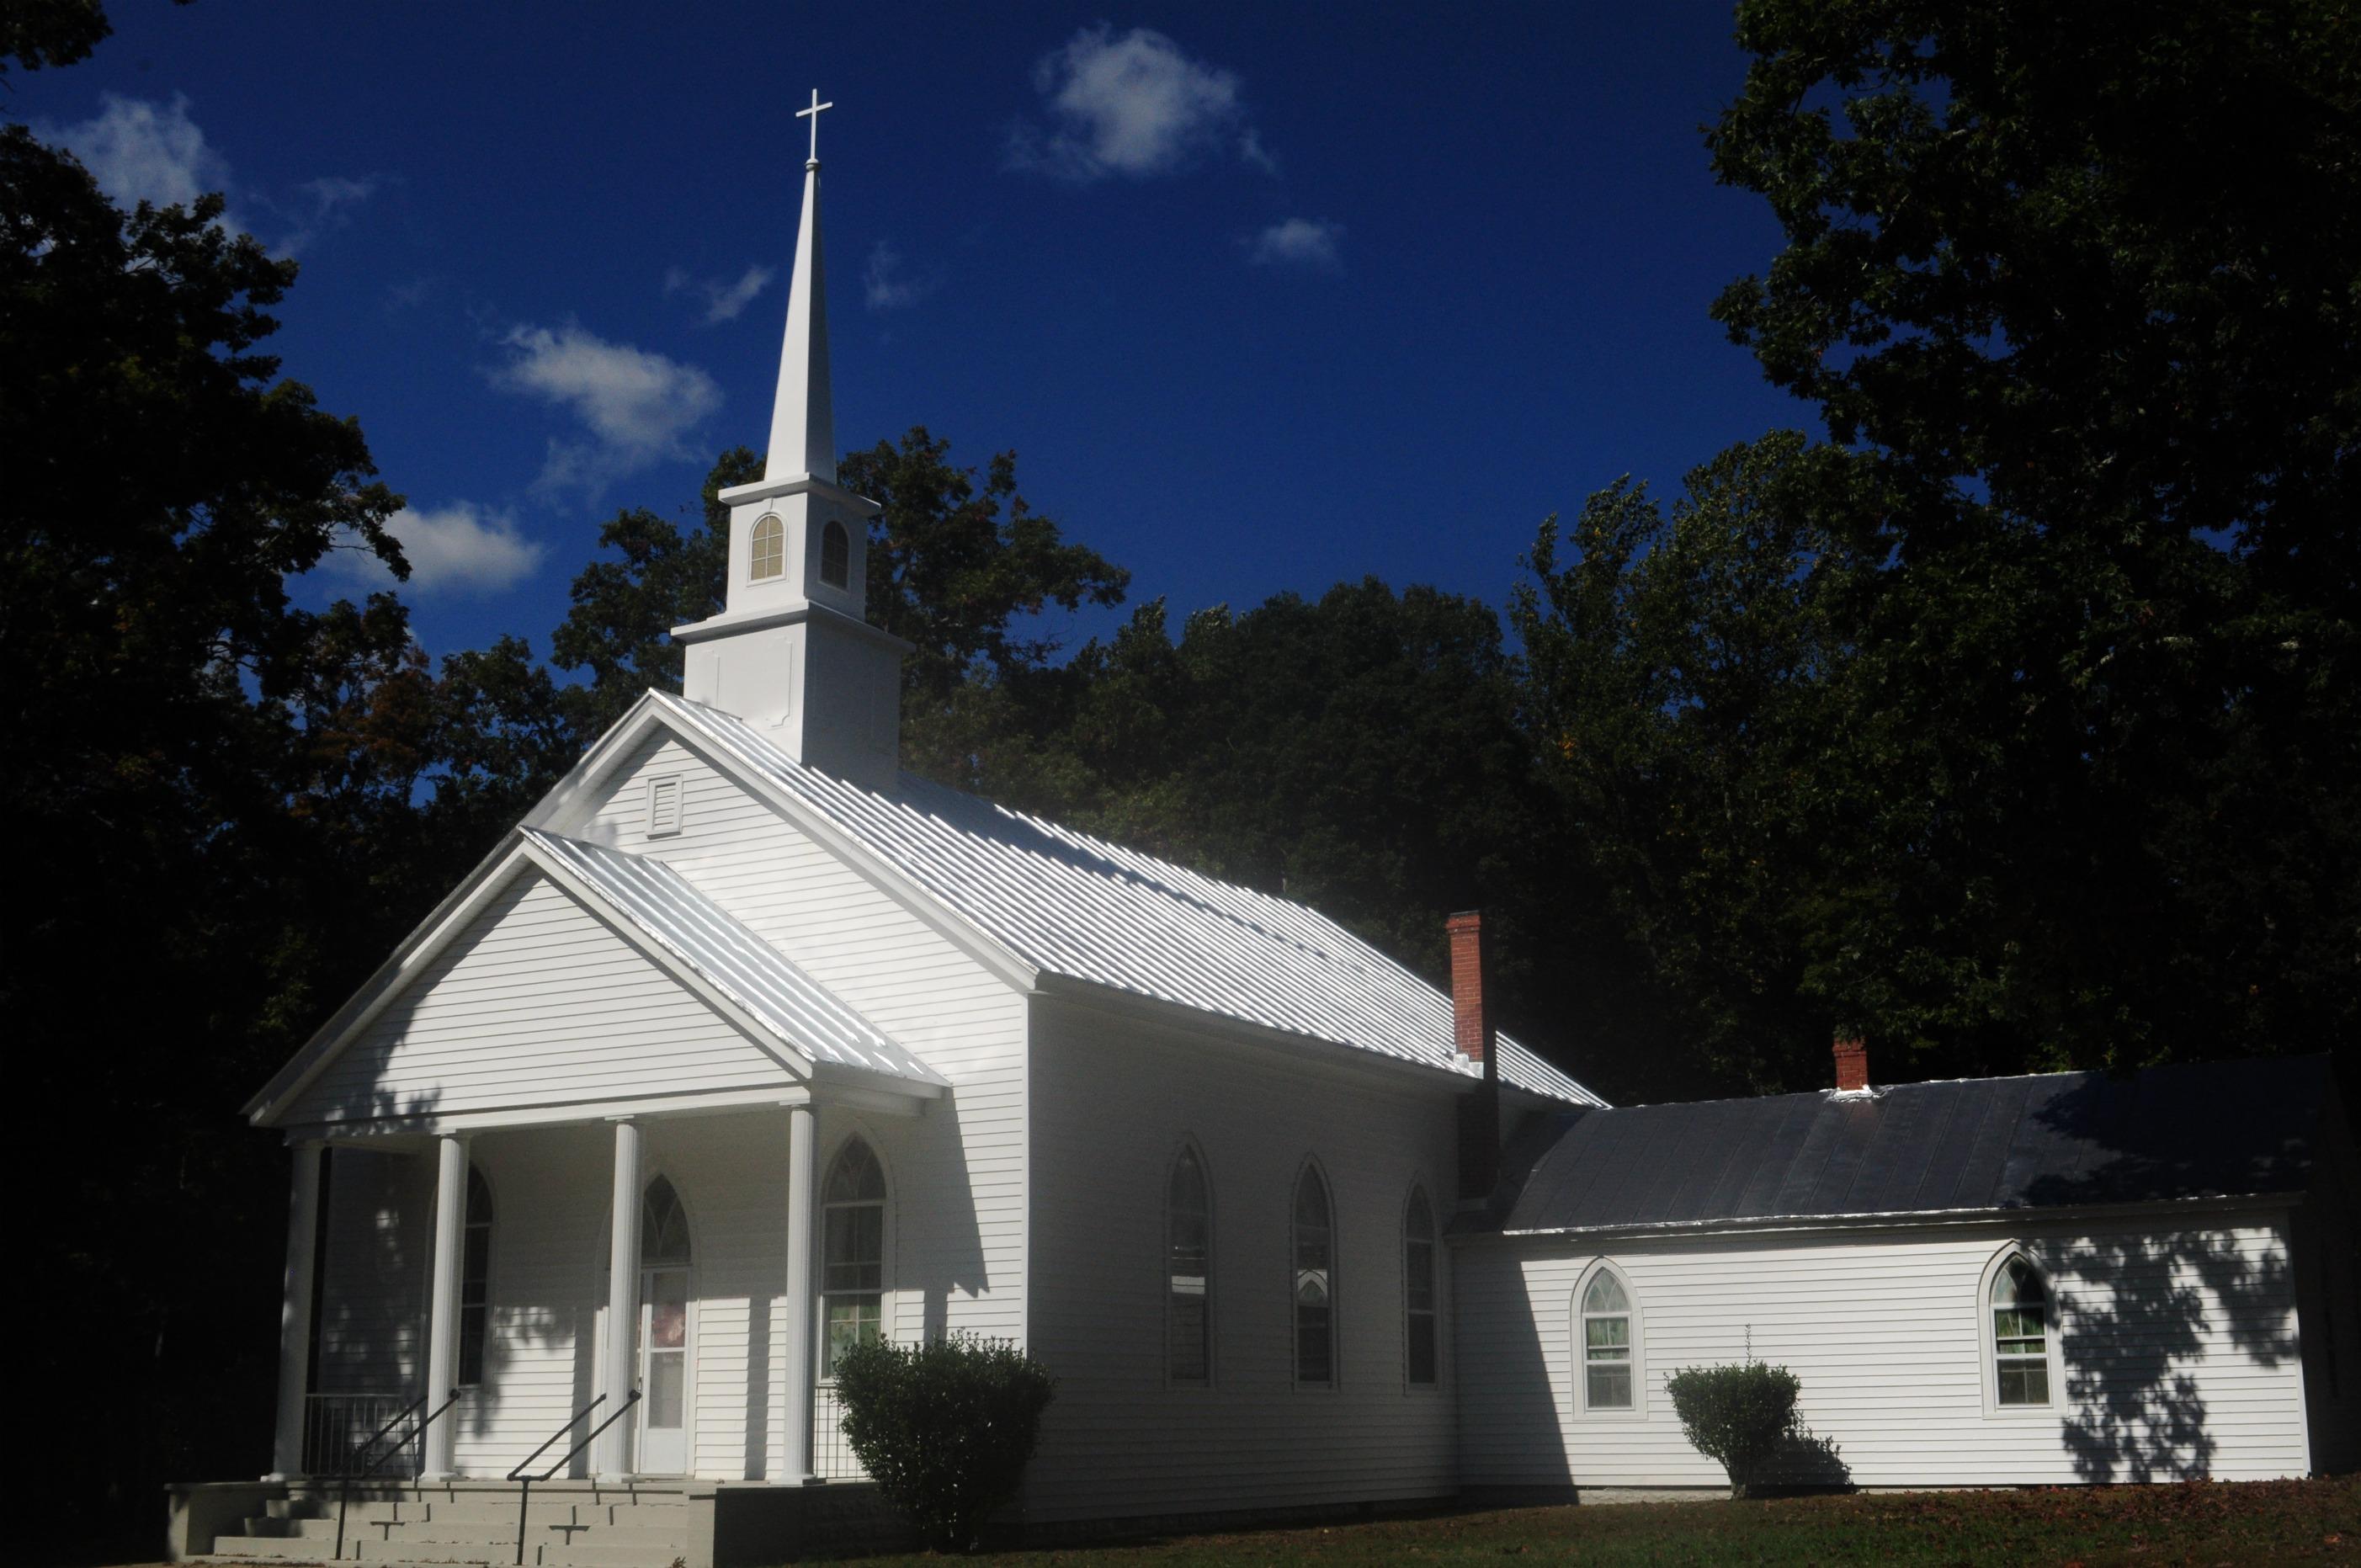 Marvelous Small Church Steeples #1: Dsc_0325.jpg